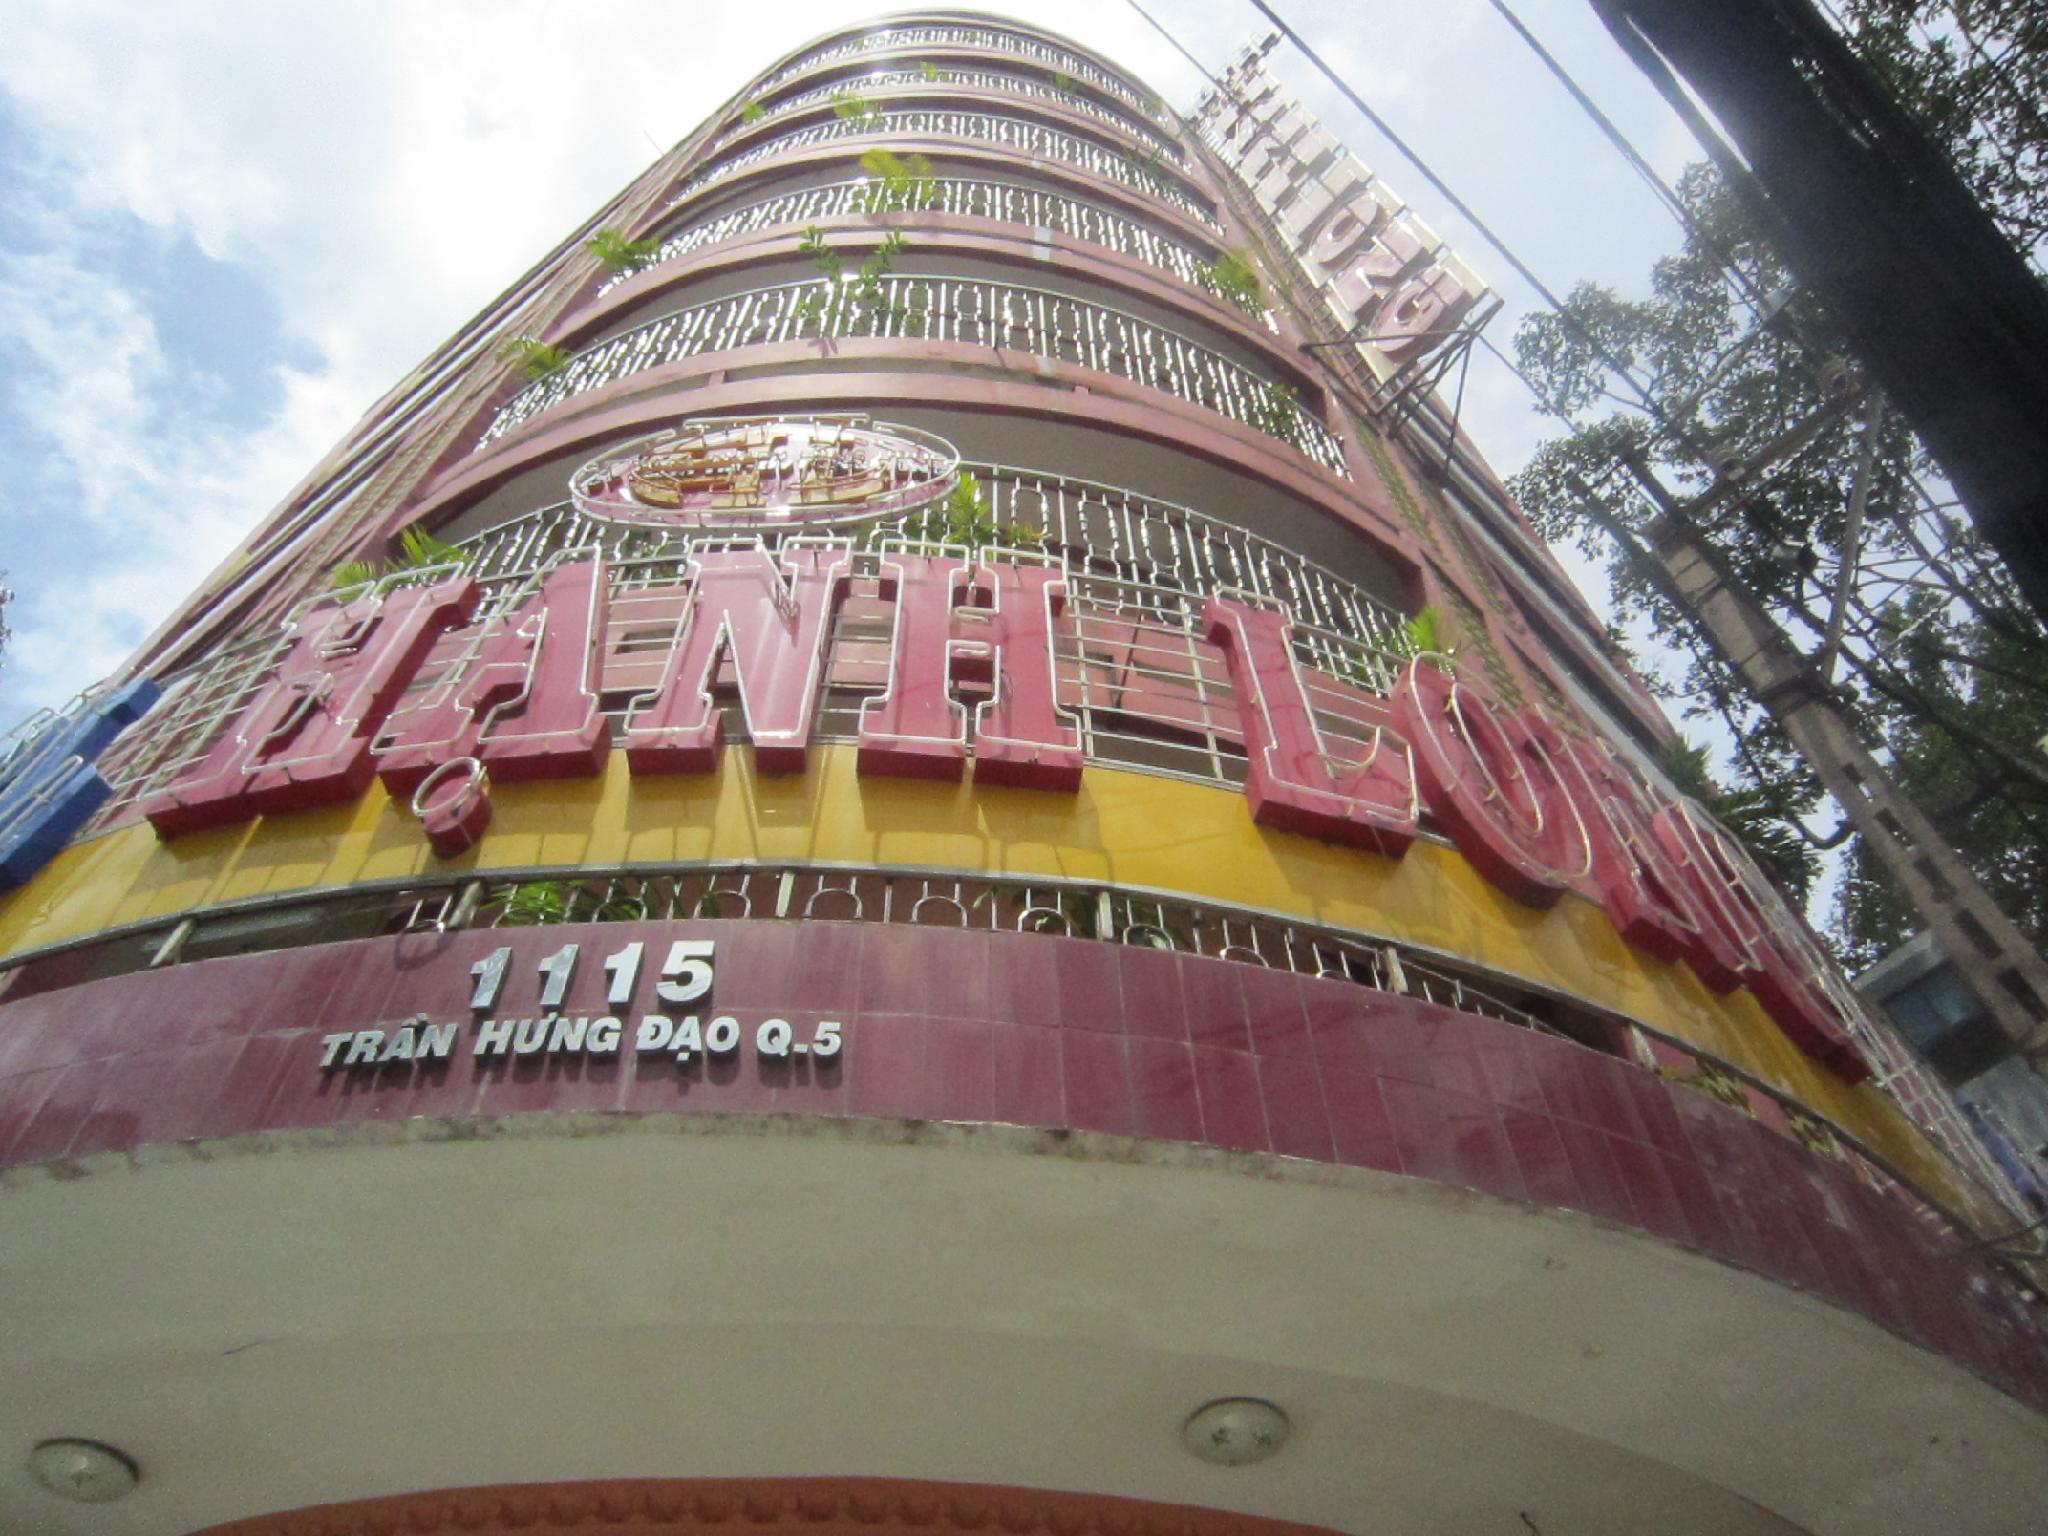 Hanh Long 2 Hotel - Ho Chi Minh City